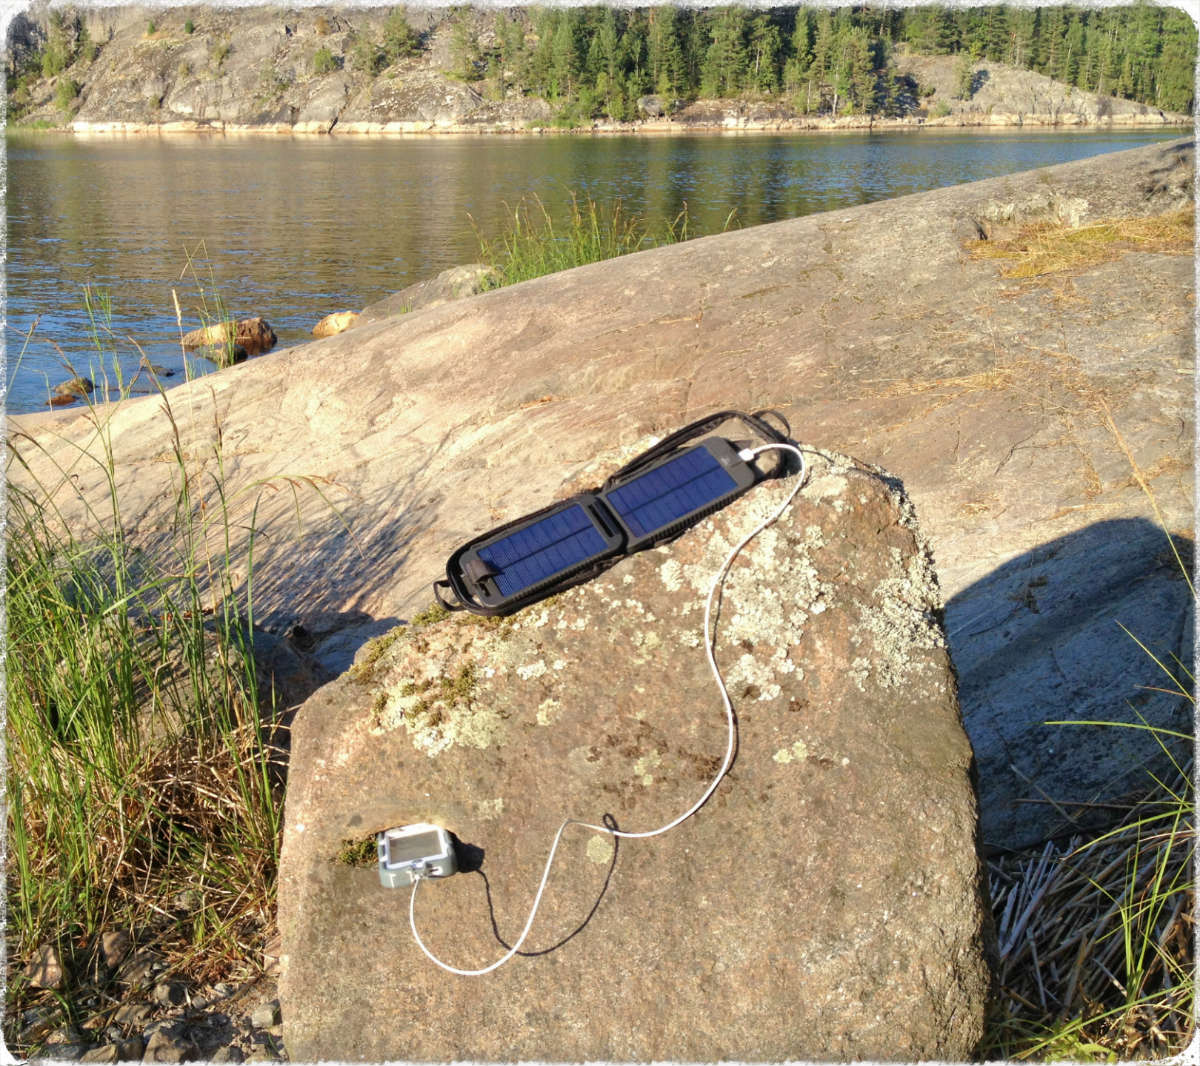 Зарядные устройства на солнечных батареях не займут много места в вашем рюкзаке и при этом способны  без особых проблем зарядить аккумулятор вашего телефона.